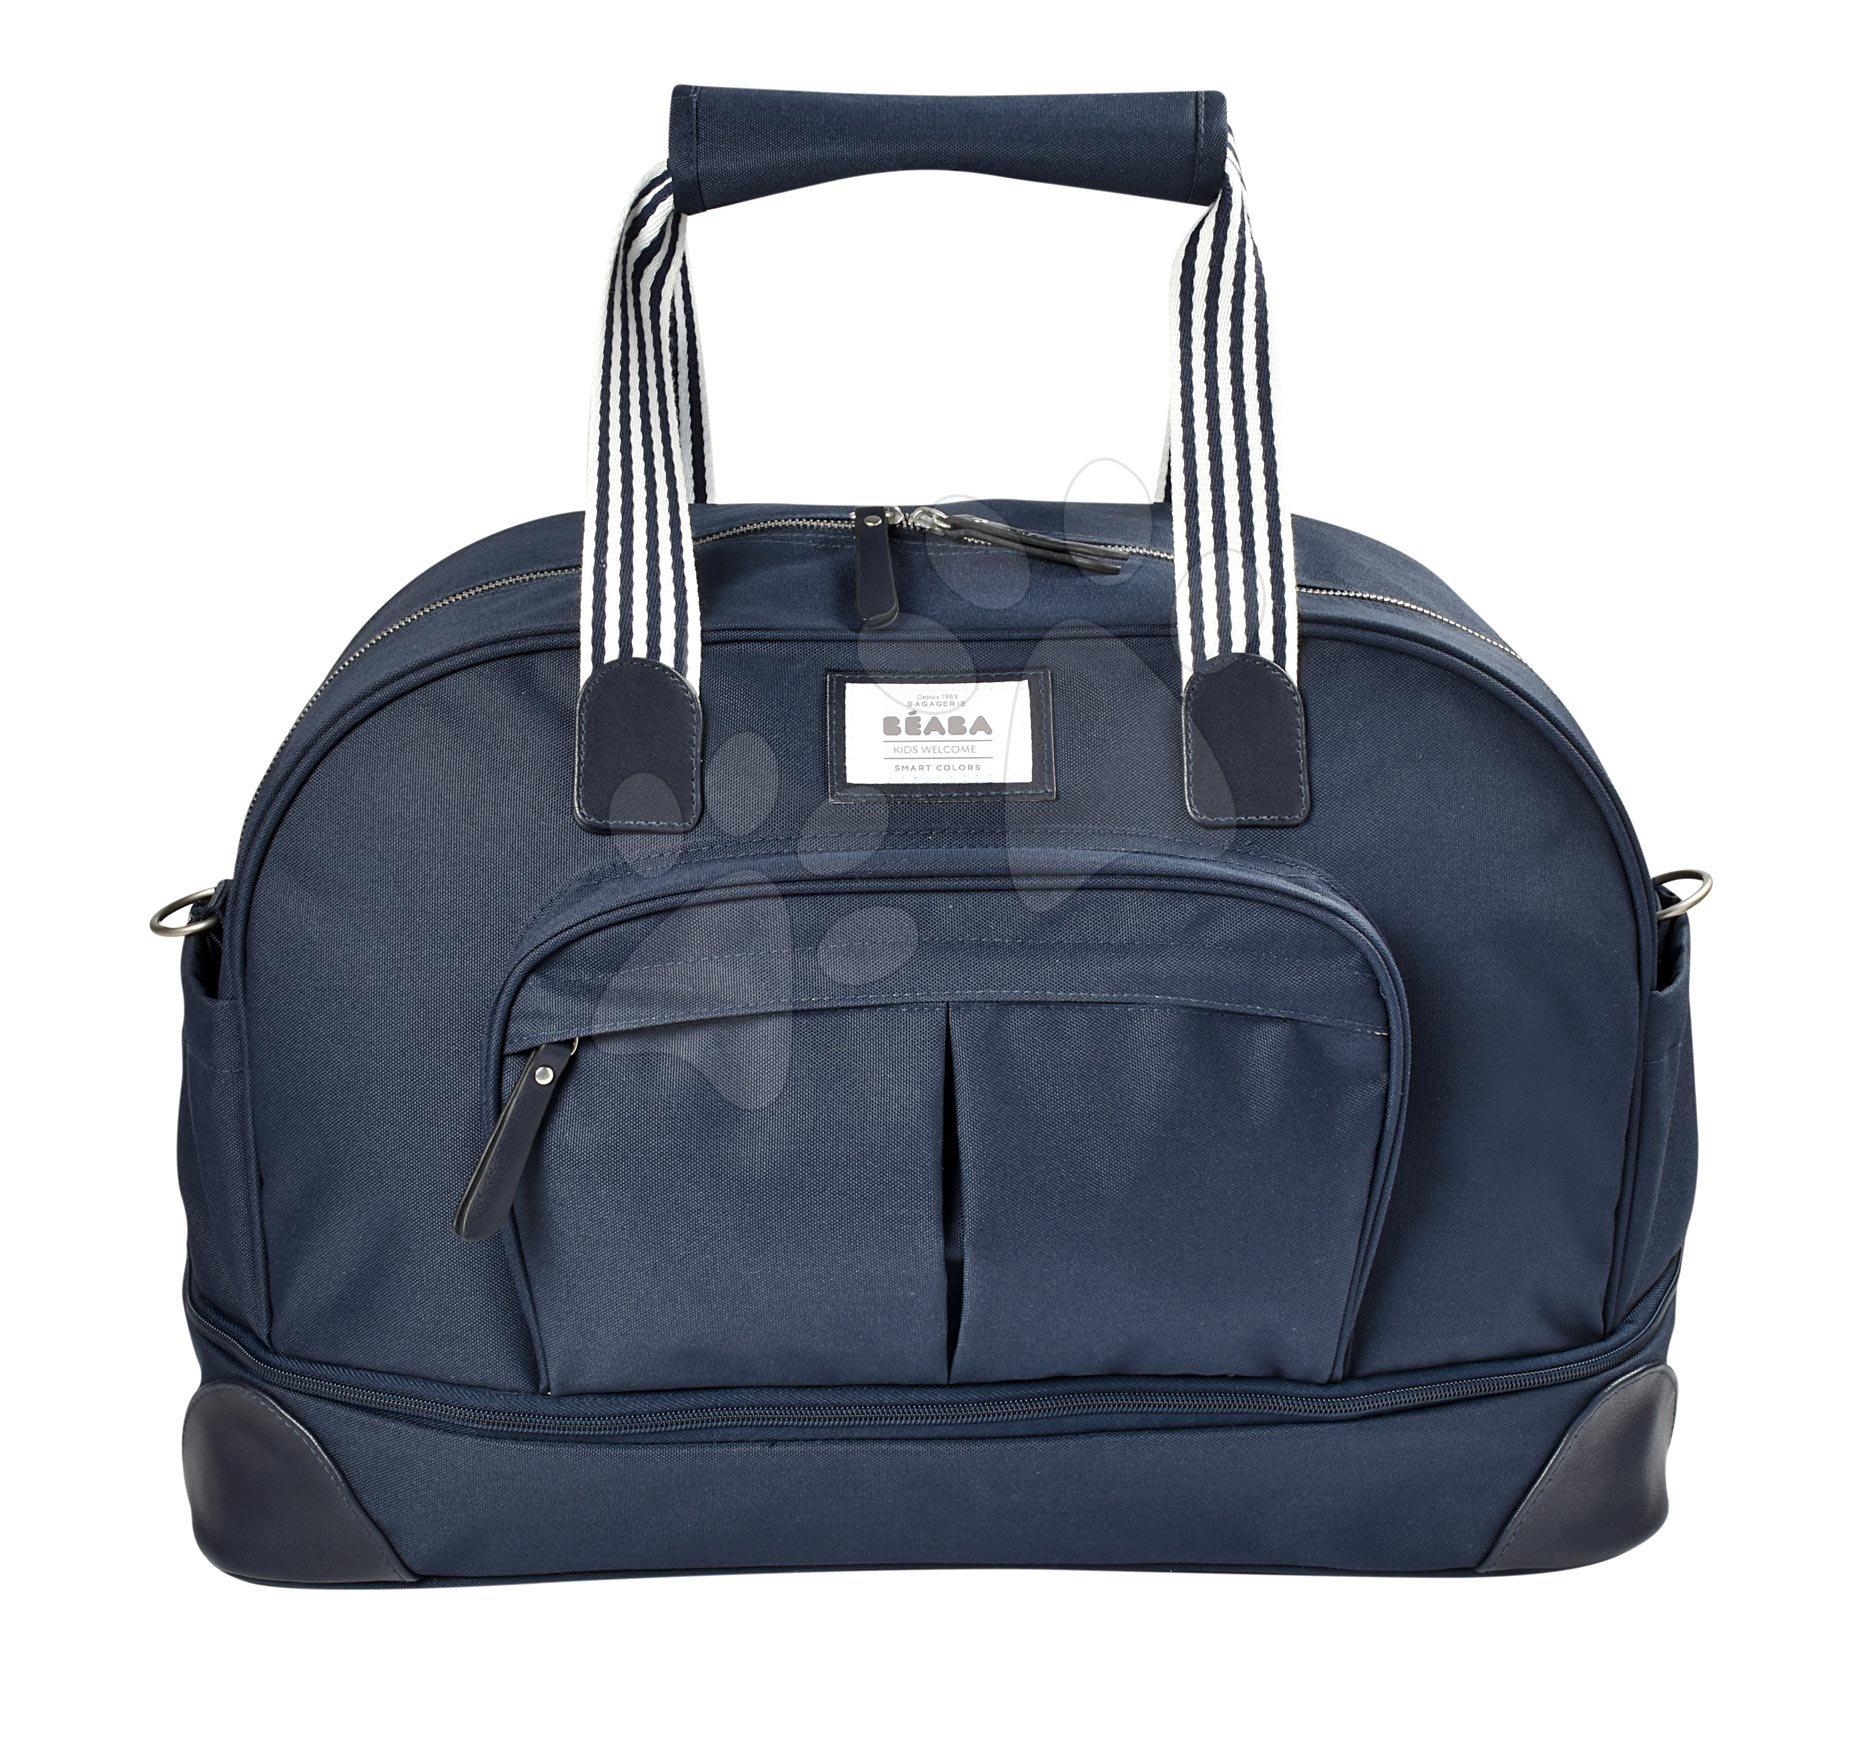 Přebalovací taška ke kočárku Beaba Amsterdam II Expandable Blue Marine modrá 2 velikosti